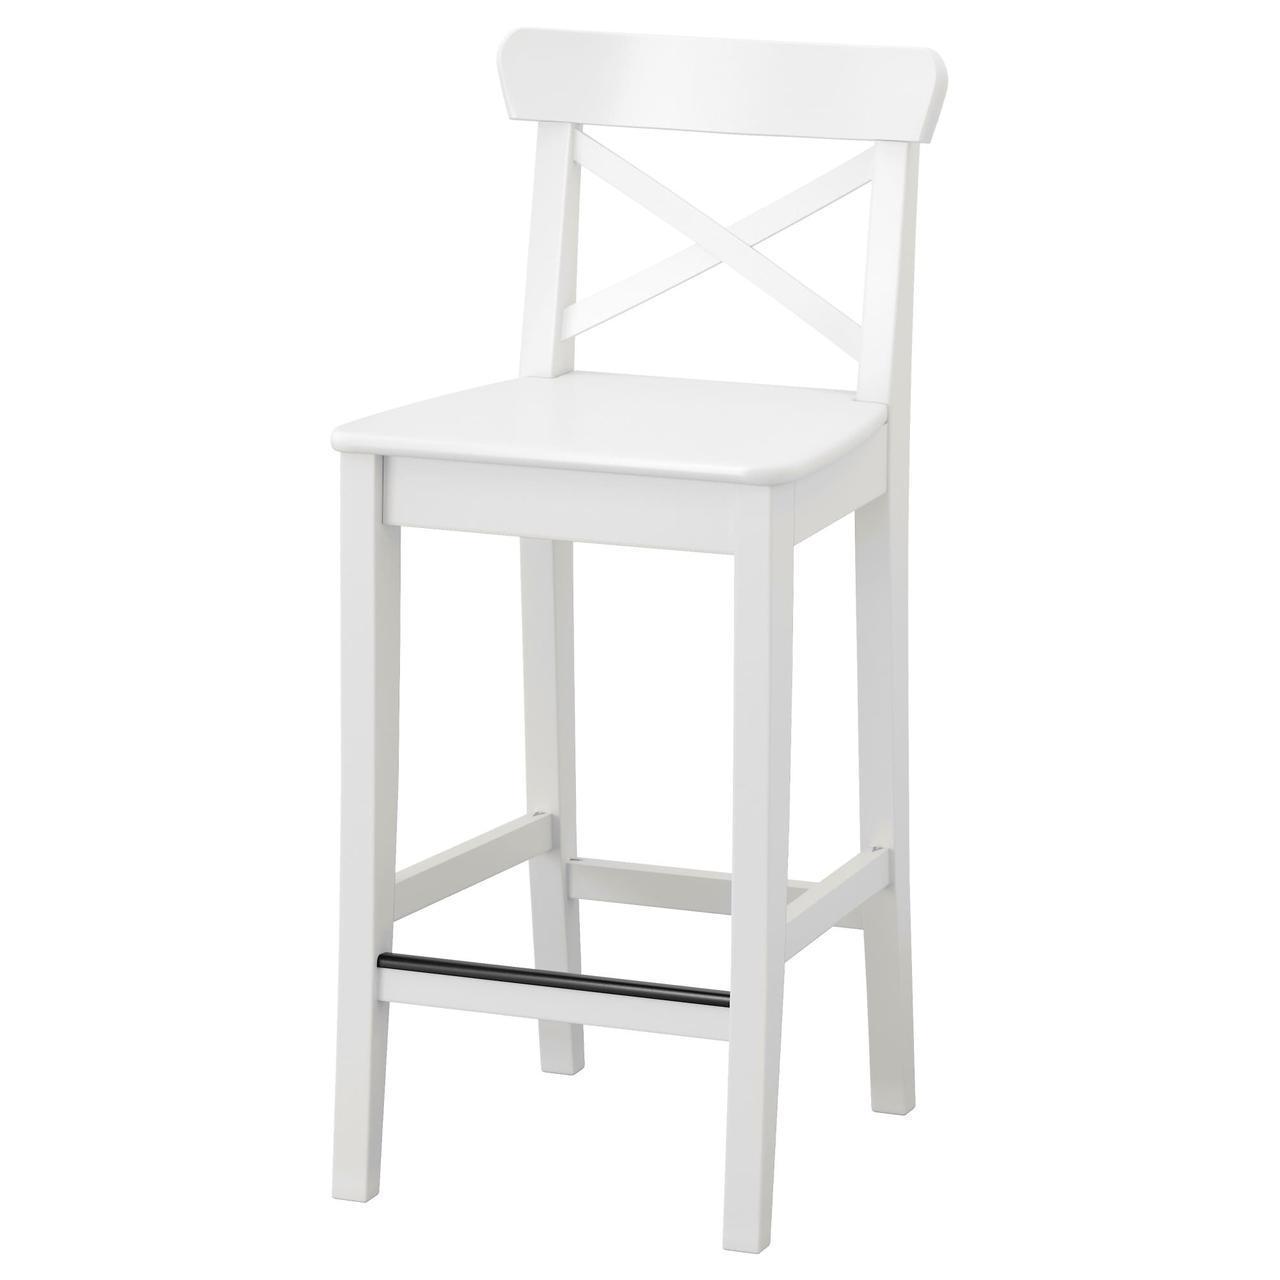 IKEA INGOLF Барний стілець зі спинкою, білий (101.226.47)